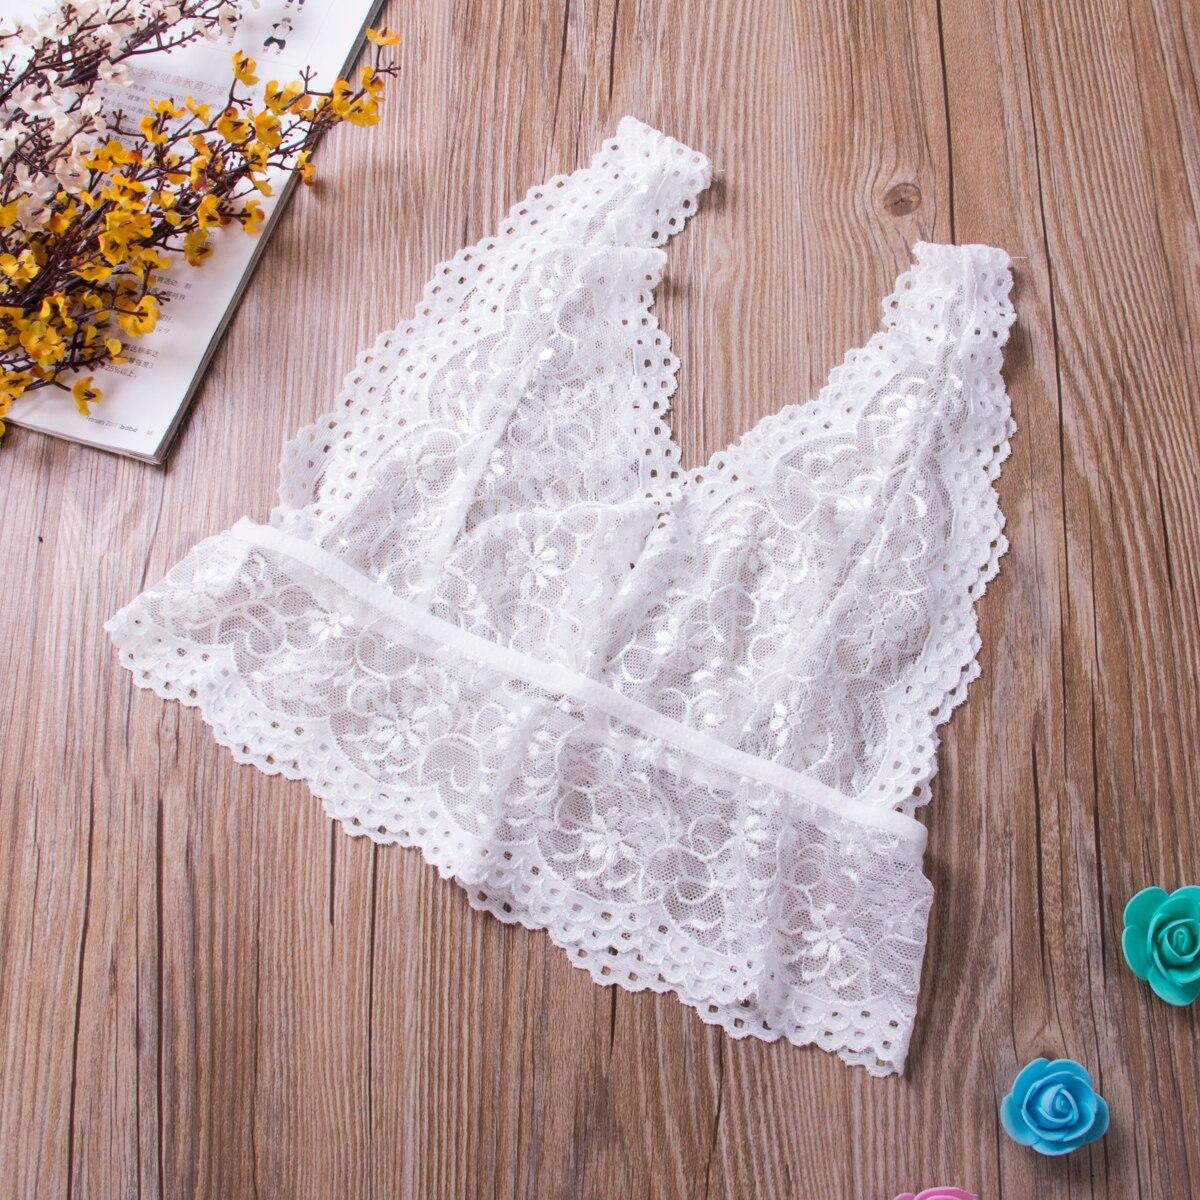 Fashion Underwear Sexy Women Deep V Floral Lace Lingerie Bralette Crop Top Unpadded e Bra Sheer Mesh Bra